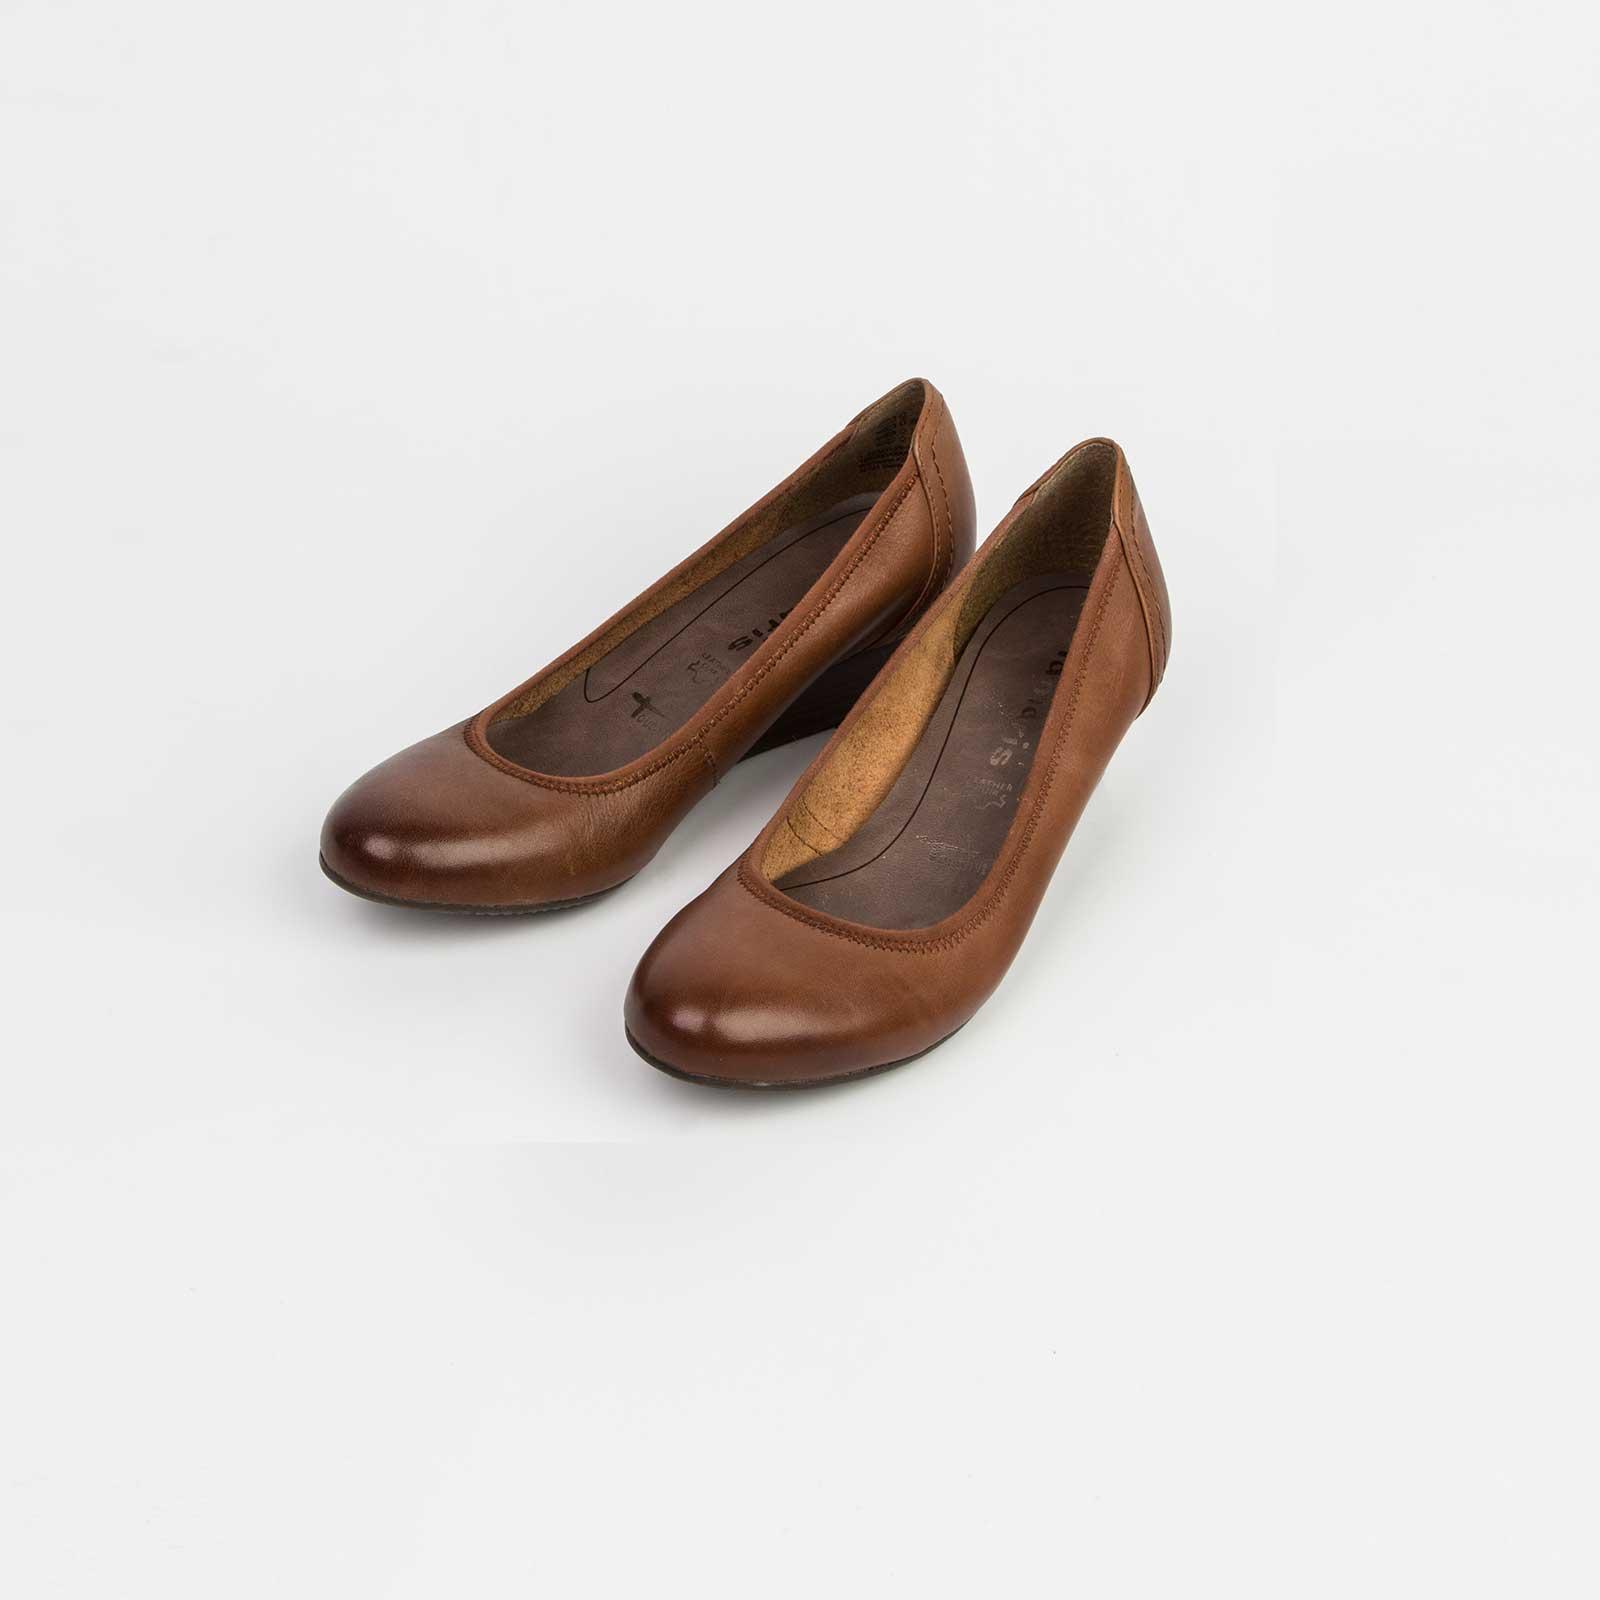 Туфли женские из натуральной кожи на небольшой танкетке